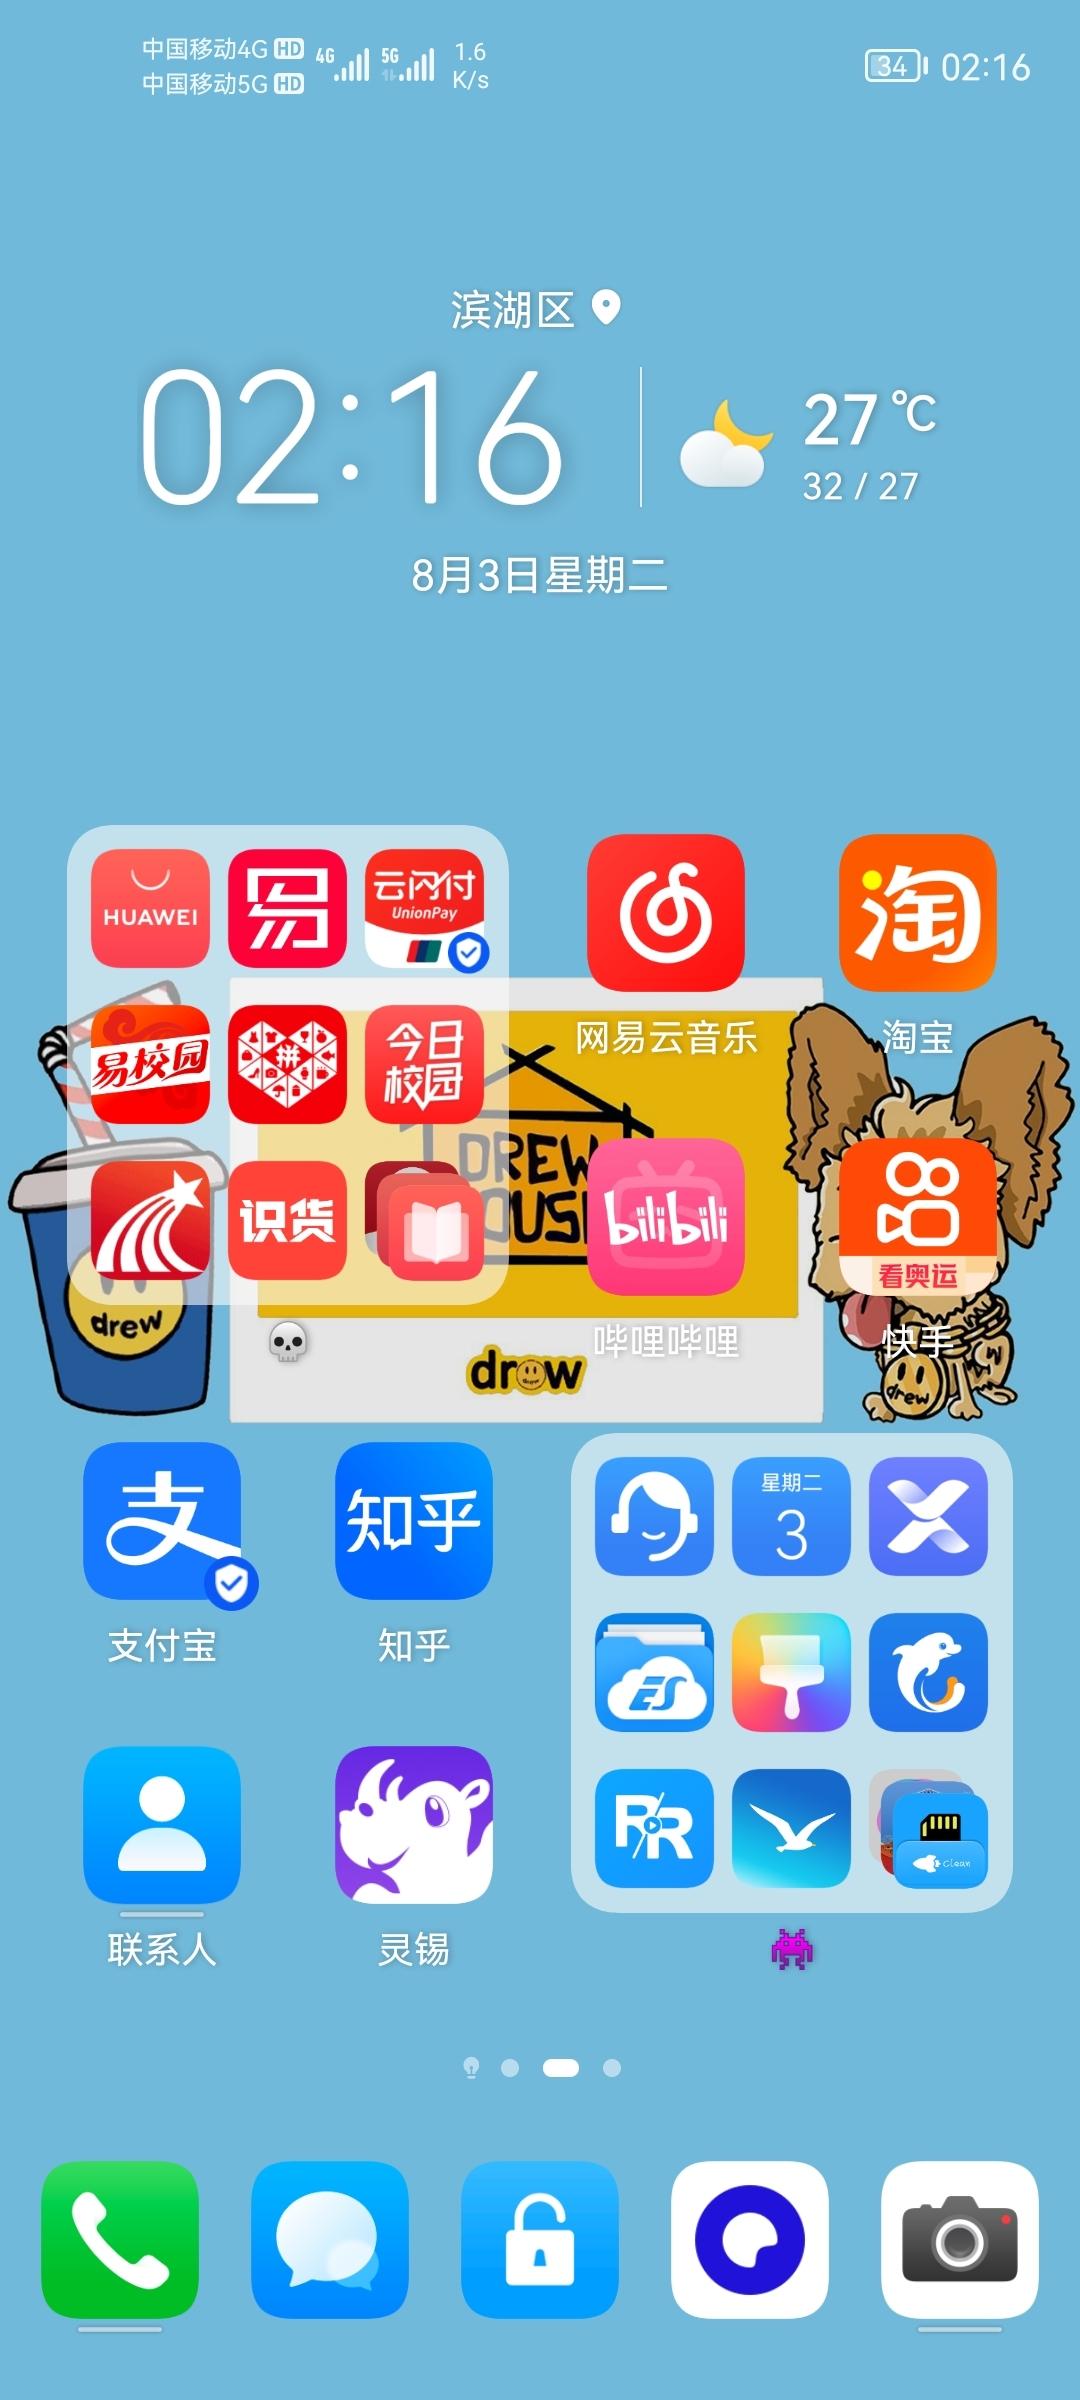 Screenshot_20210803_021613_com.huawei.android.launcher.jpg